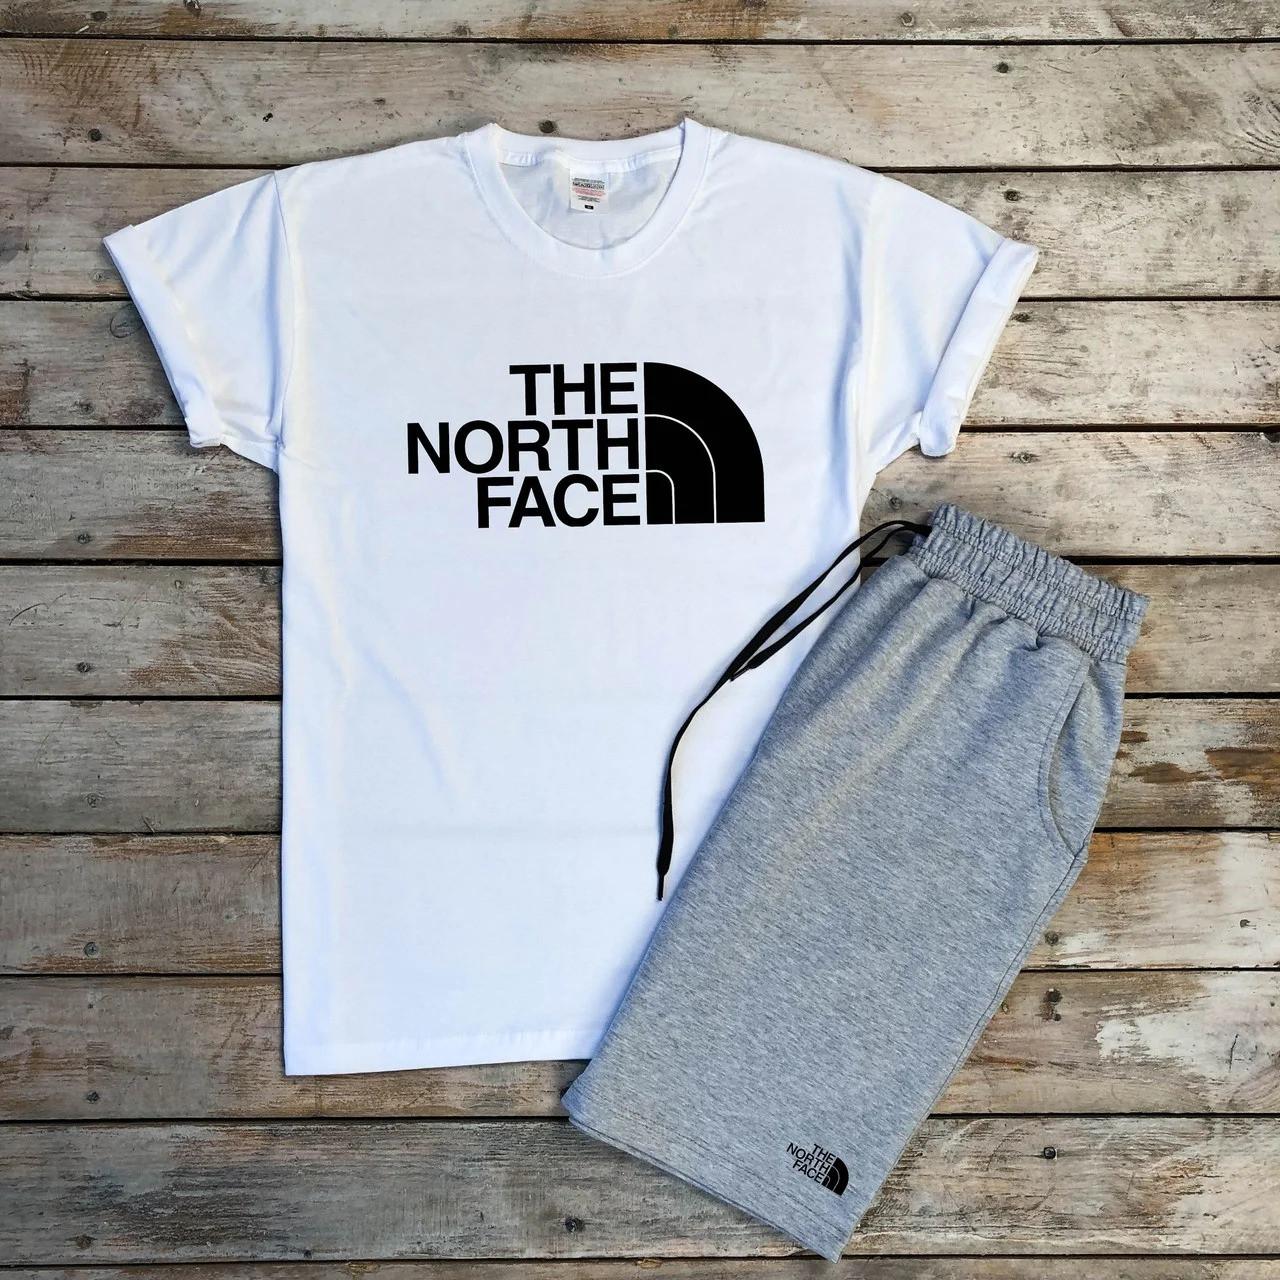 Футболка і шорти The North Face білого і сірого кольору